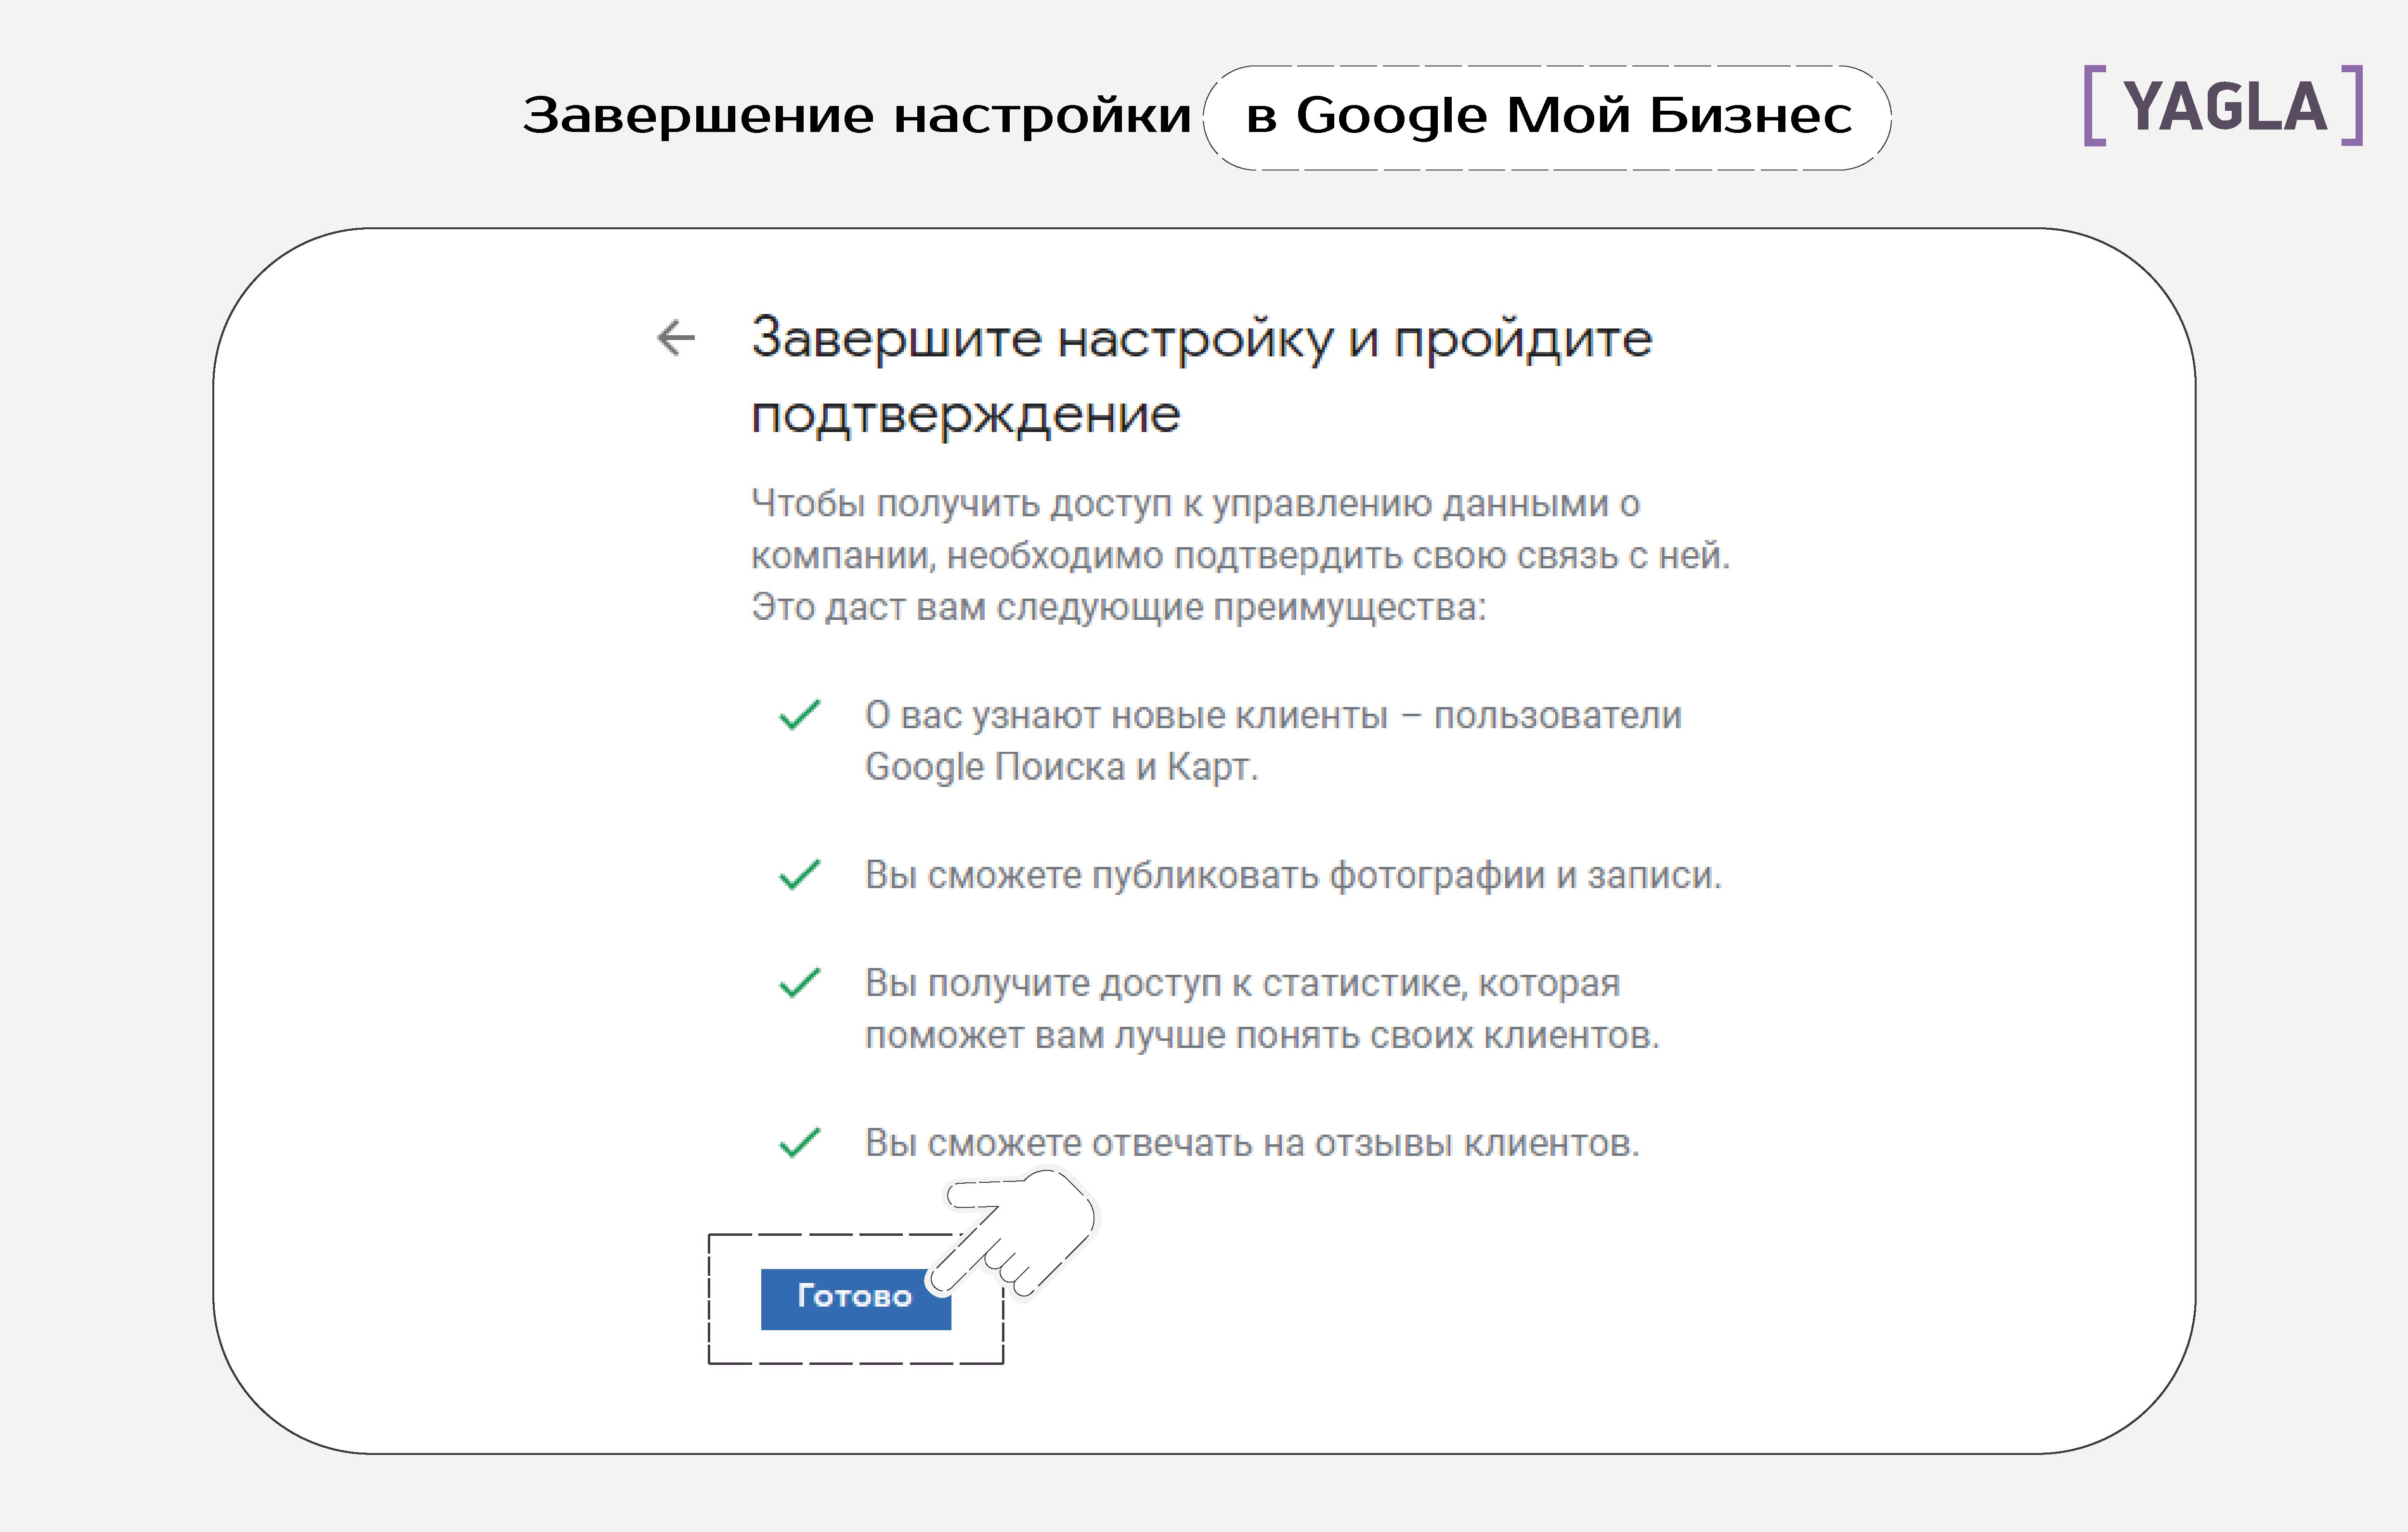 Завершение настройки в Google Мой Бизнес